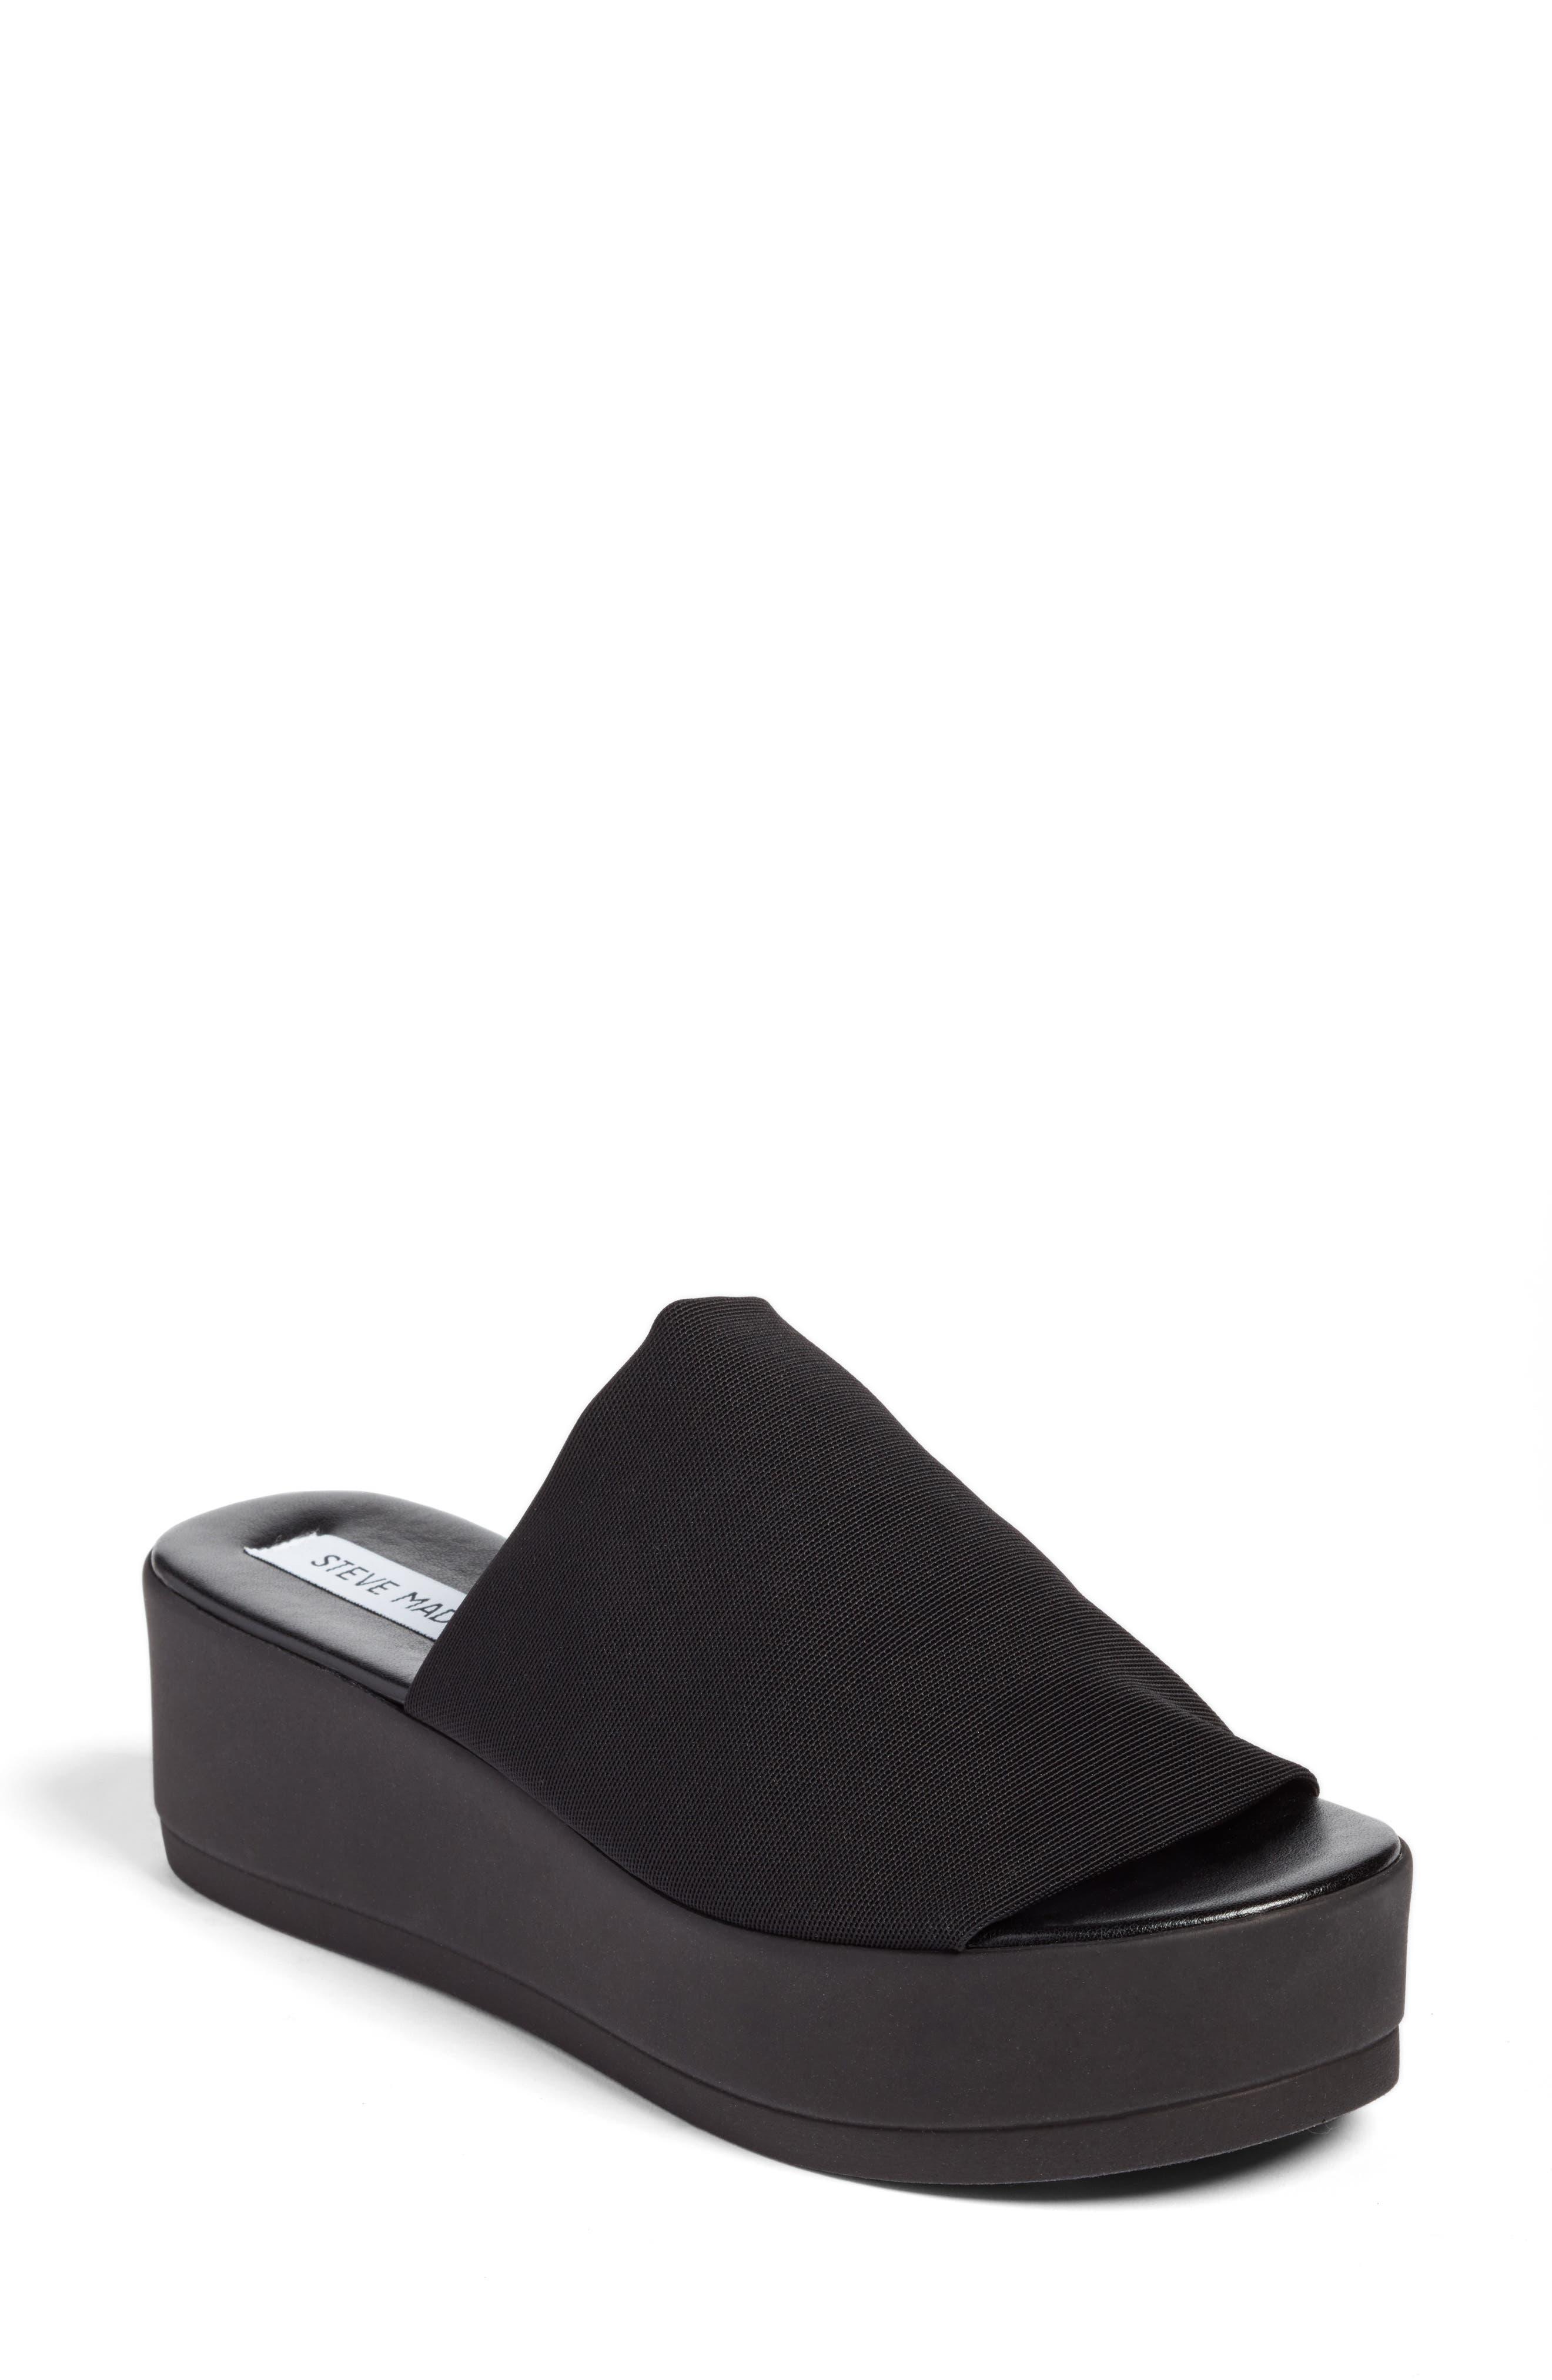 Slinky Platform Sandal,                         Main,                         color,